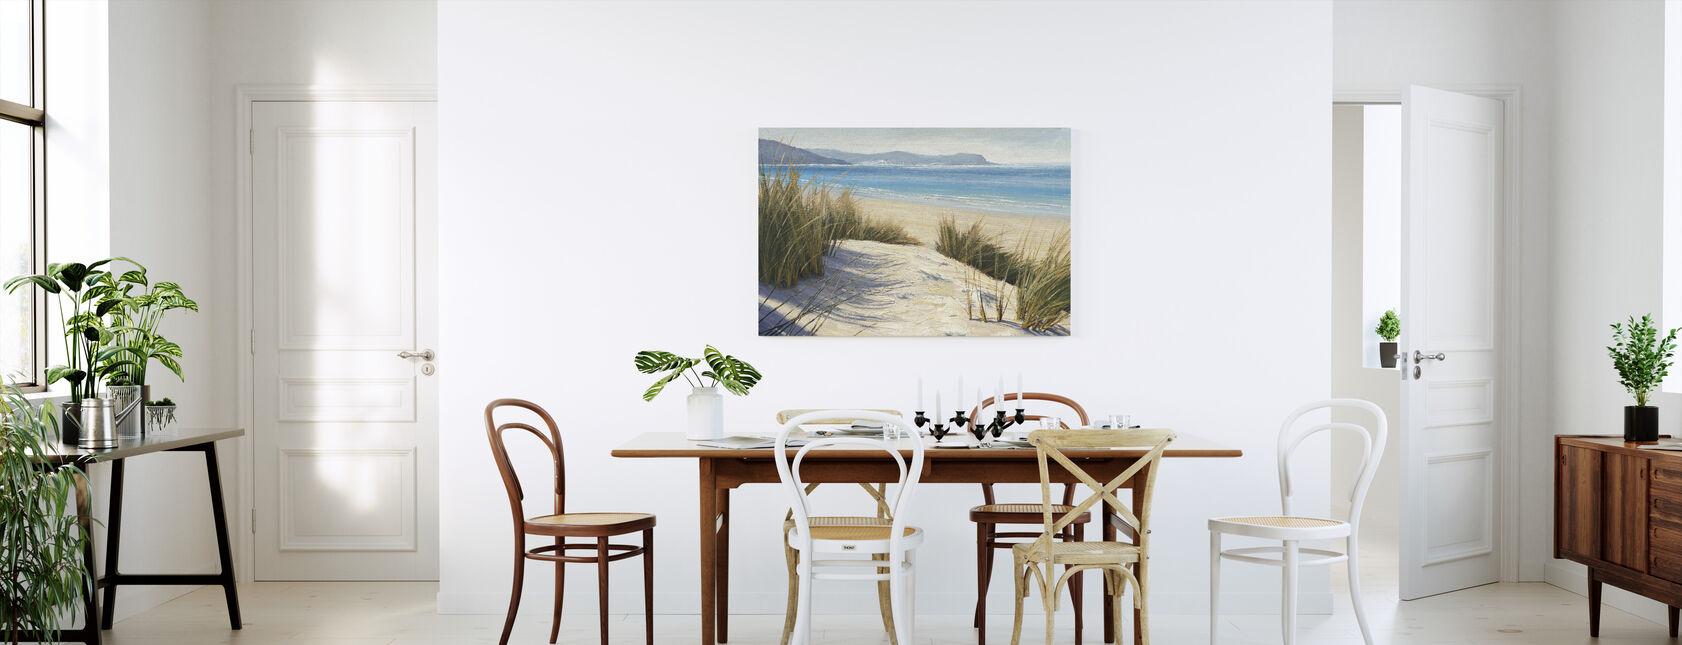 Eftermiddagsanddyner - Canvastavla - Kök